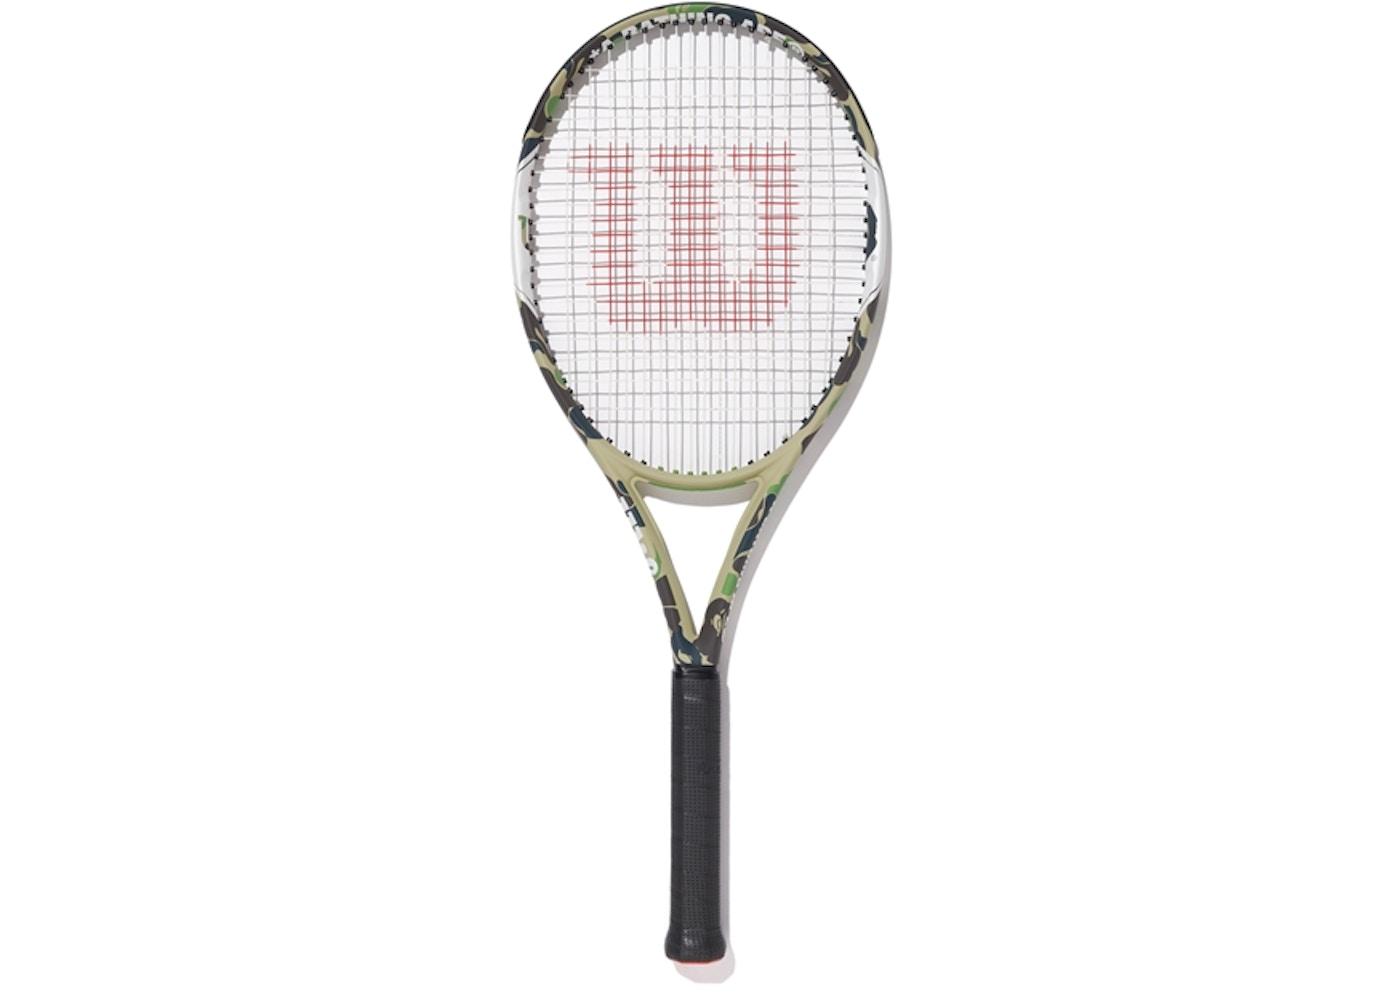 BAPE x Wilson Tennis Racket Green